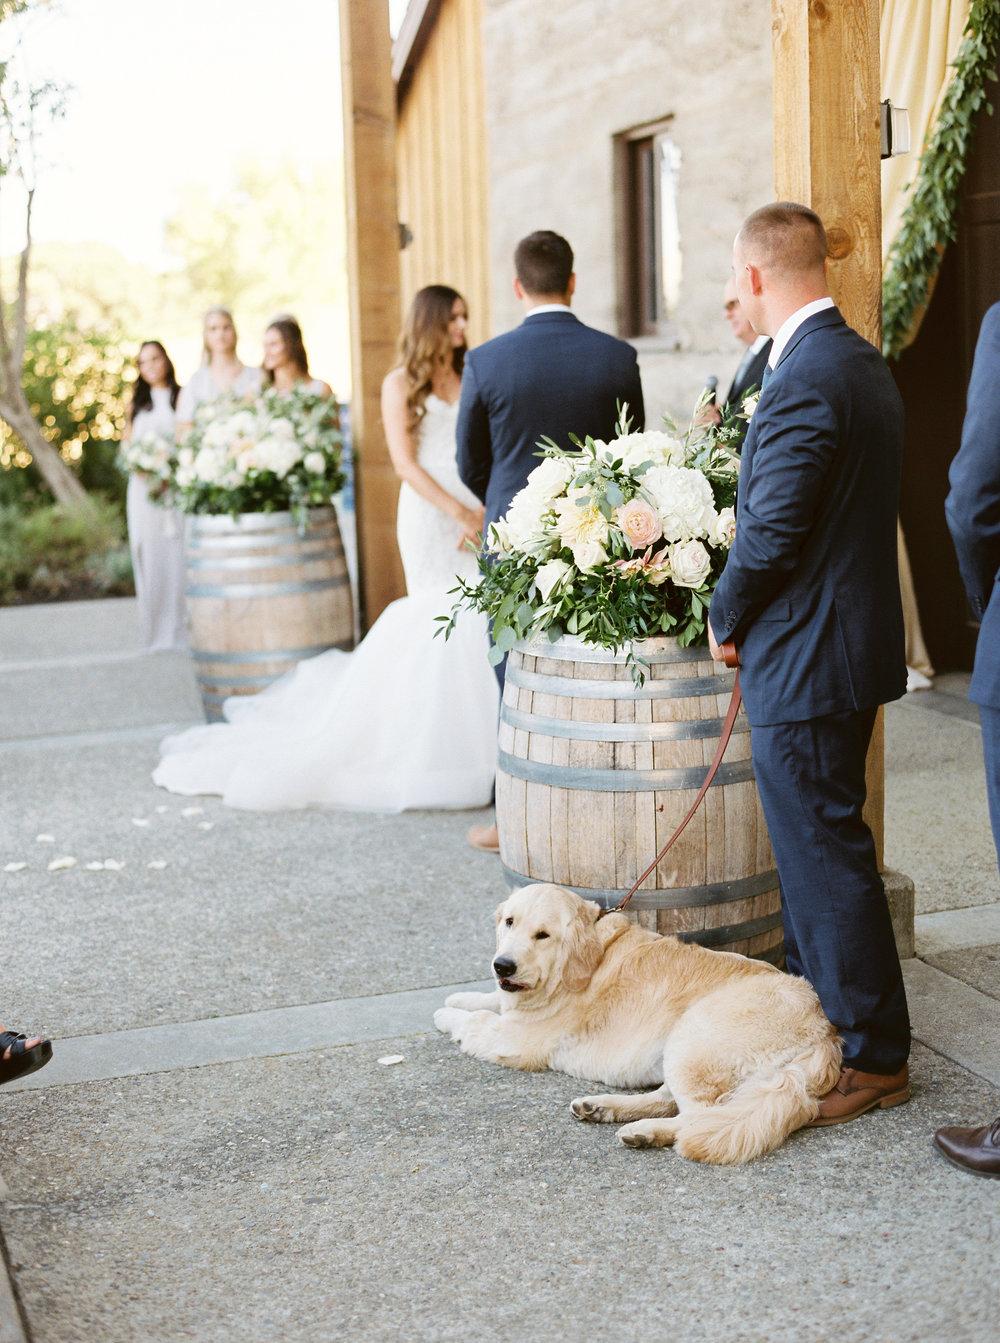 muriettas-well-wedding-in-livermore-california-82.jpg